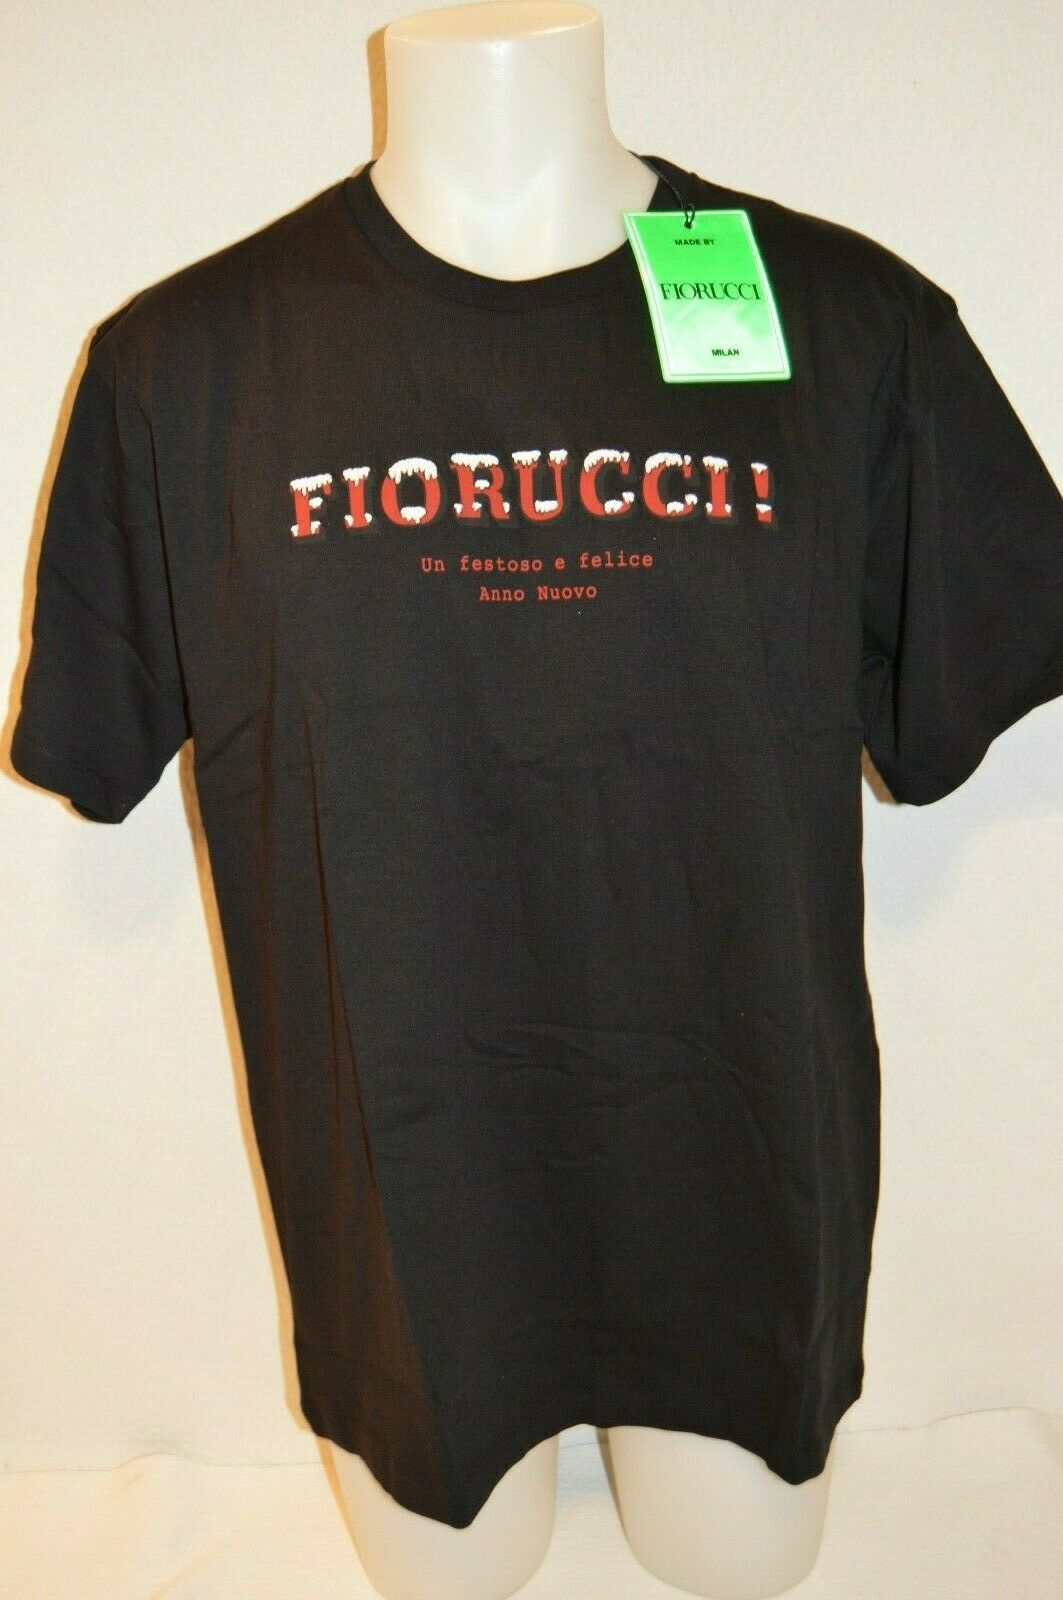 FIORUCCI Man's UN FESTOS E FELICE T-shirt NEW Size X-Large Retail